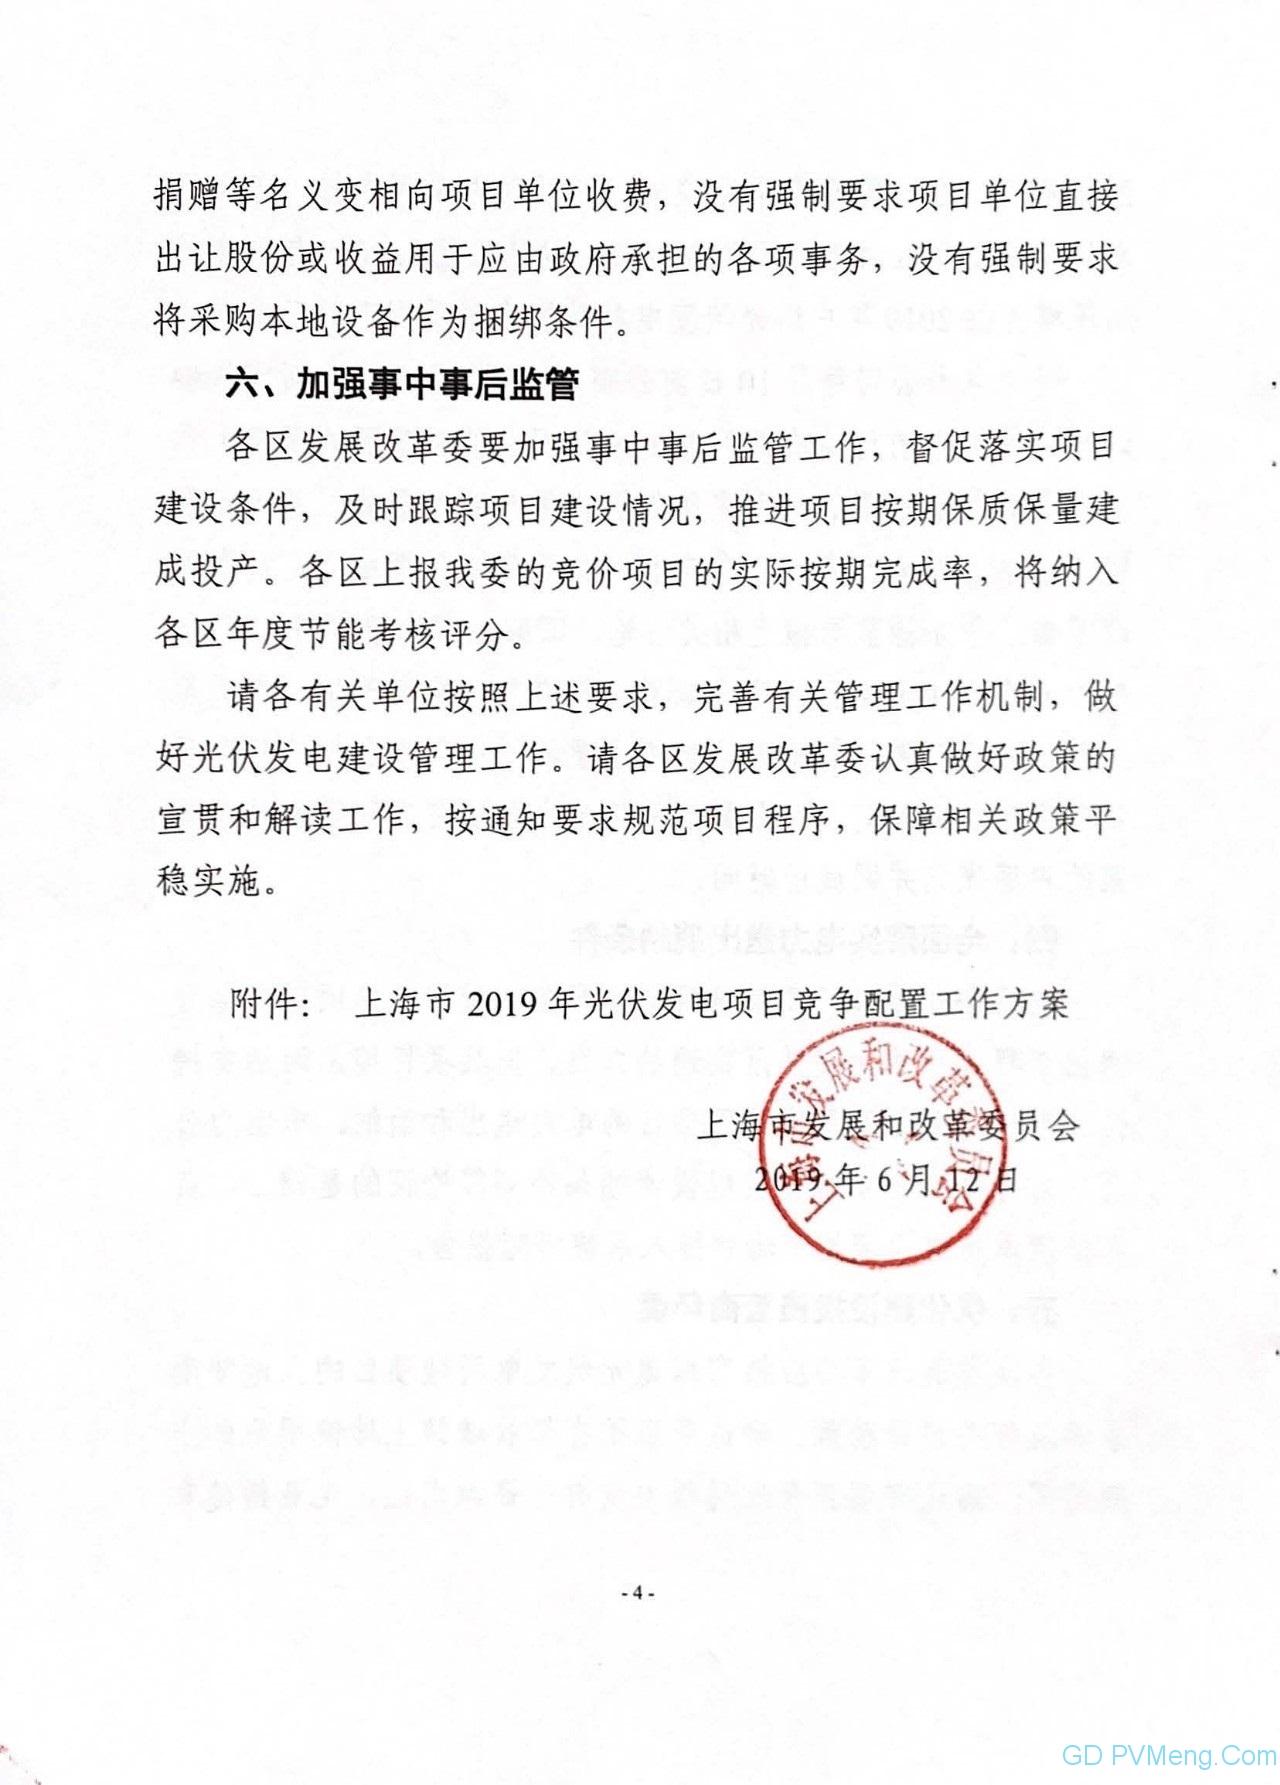 沪6月25日截止  上海市发改委关于做好2019年光伏发电项目建设有关工作的通知(沪发改能源〔2019〕68号)20190617